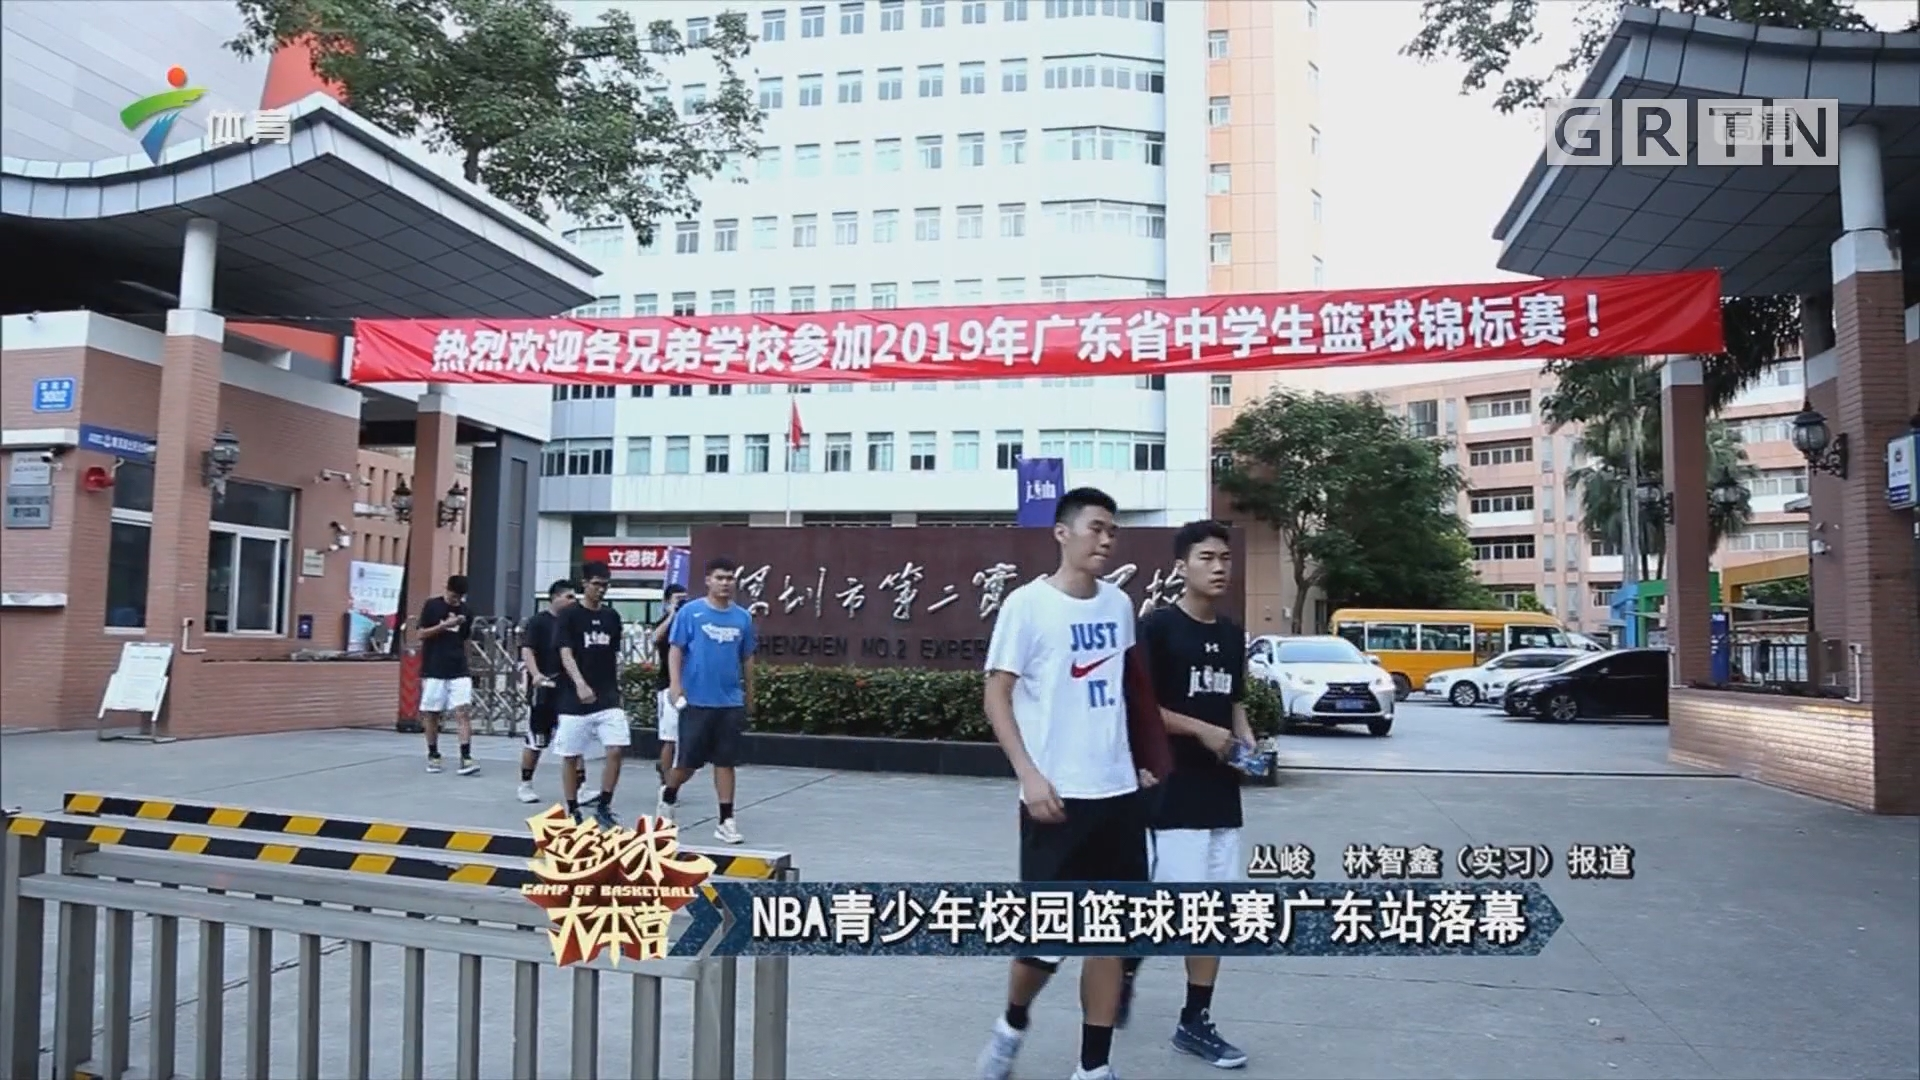 NBA青少年校园篮球联赛广东站落幕